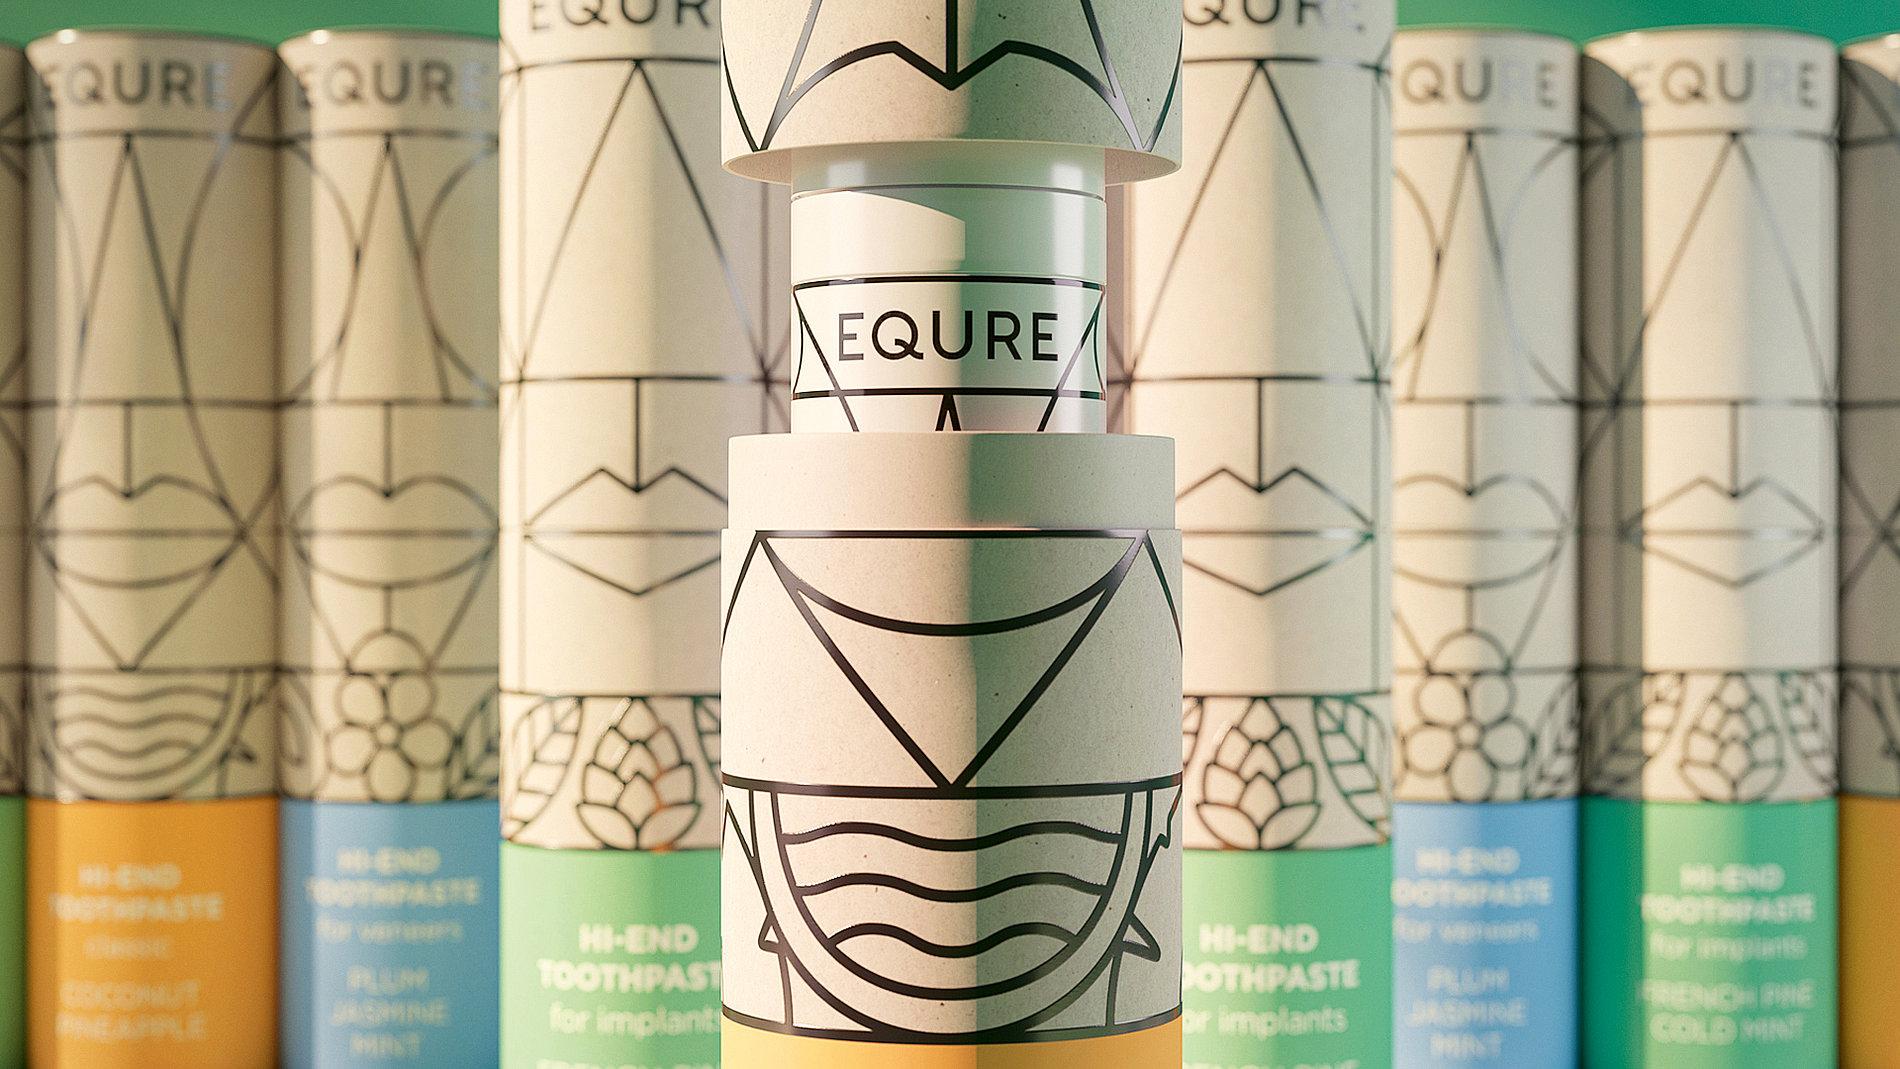 Equre | Red Dot Design Award